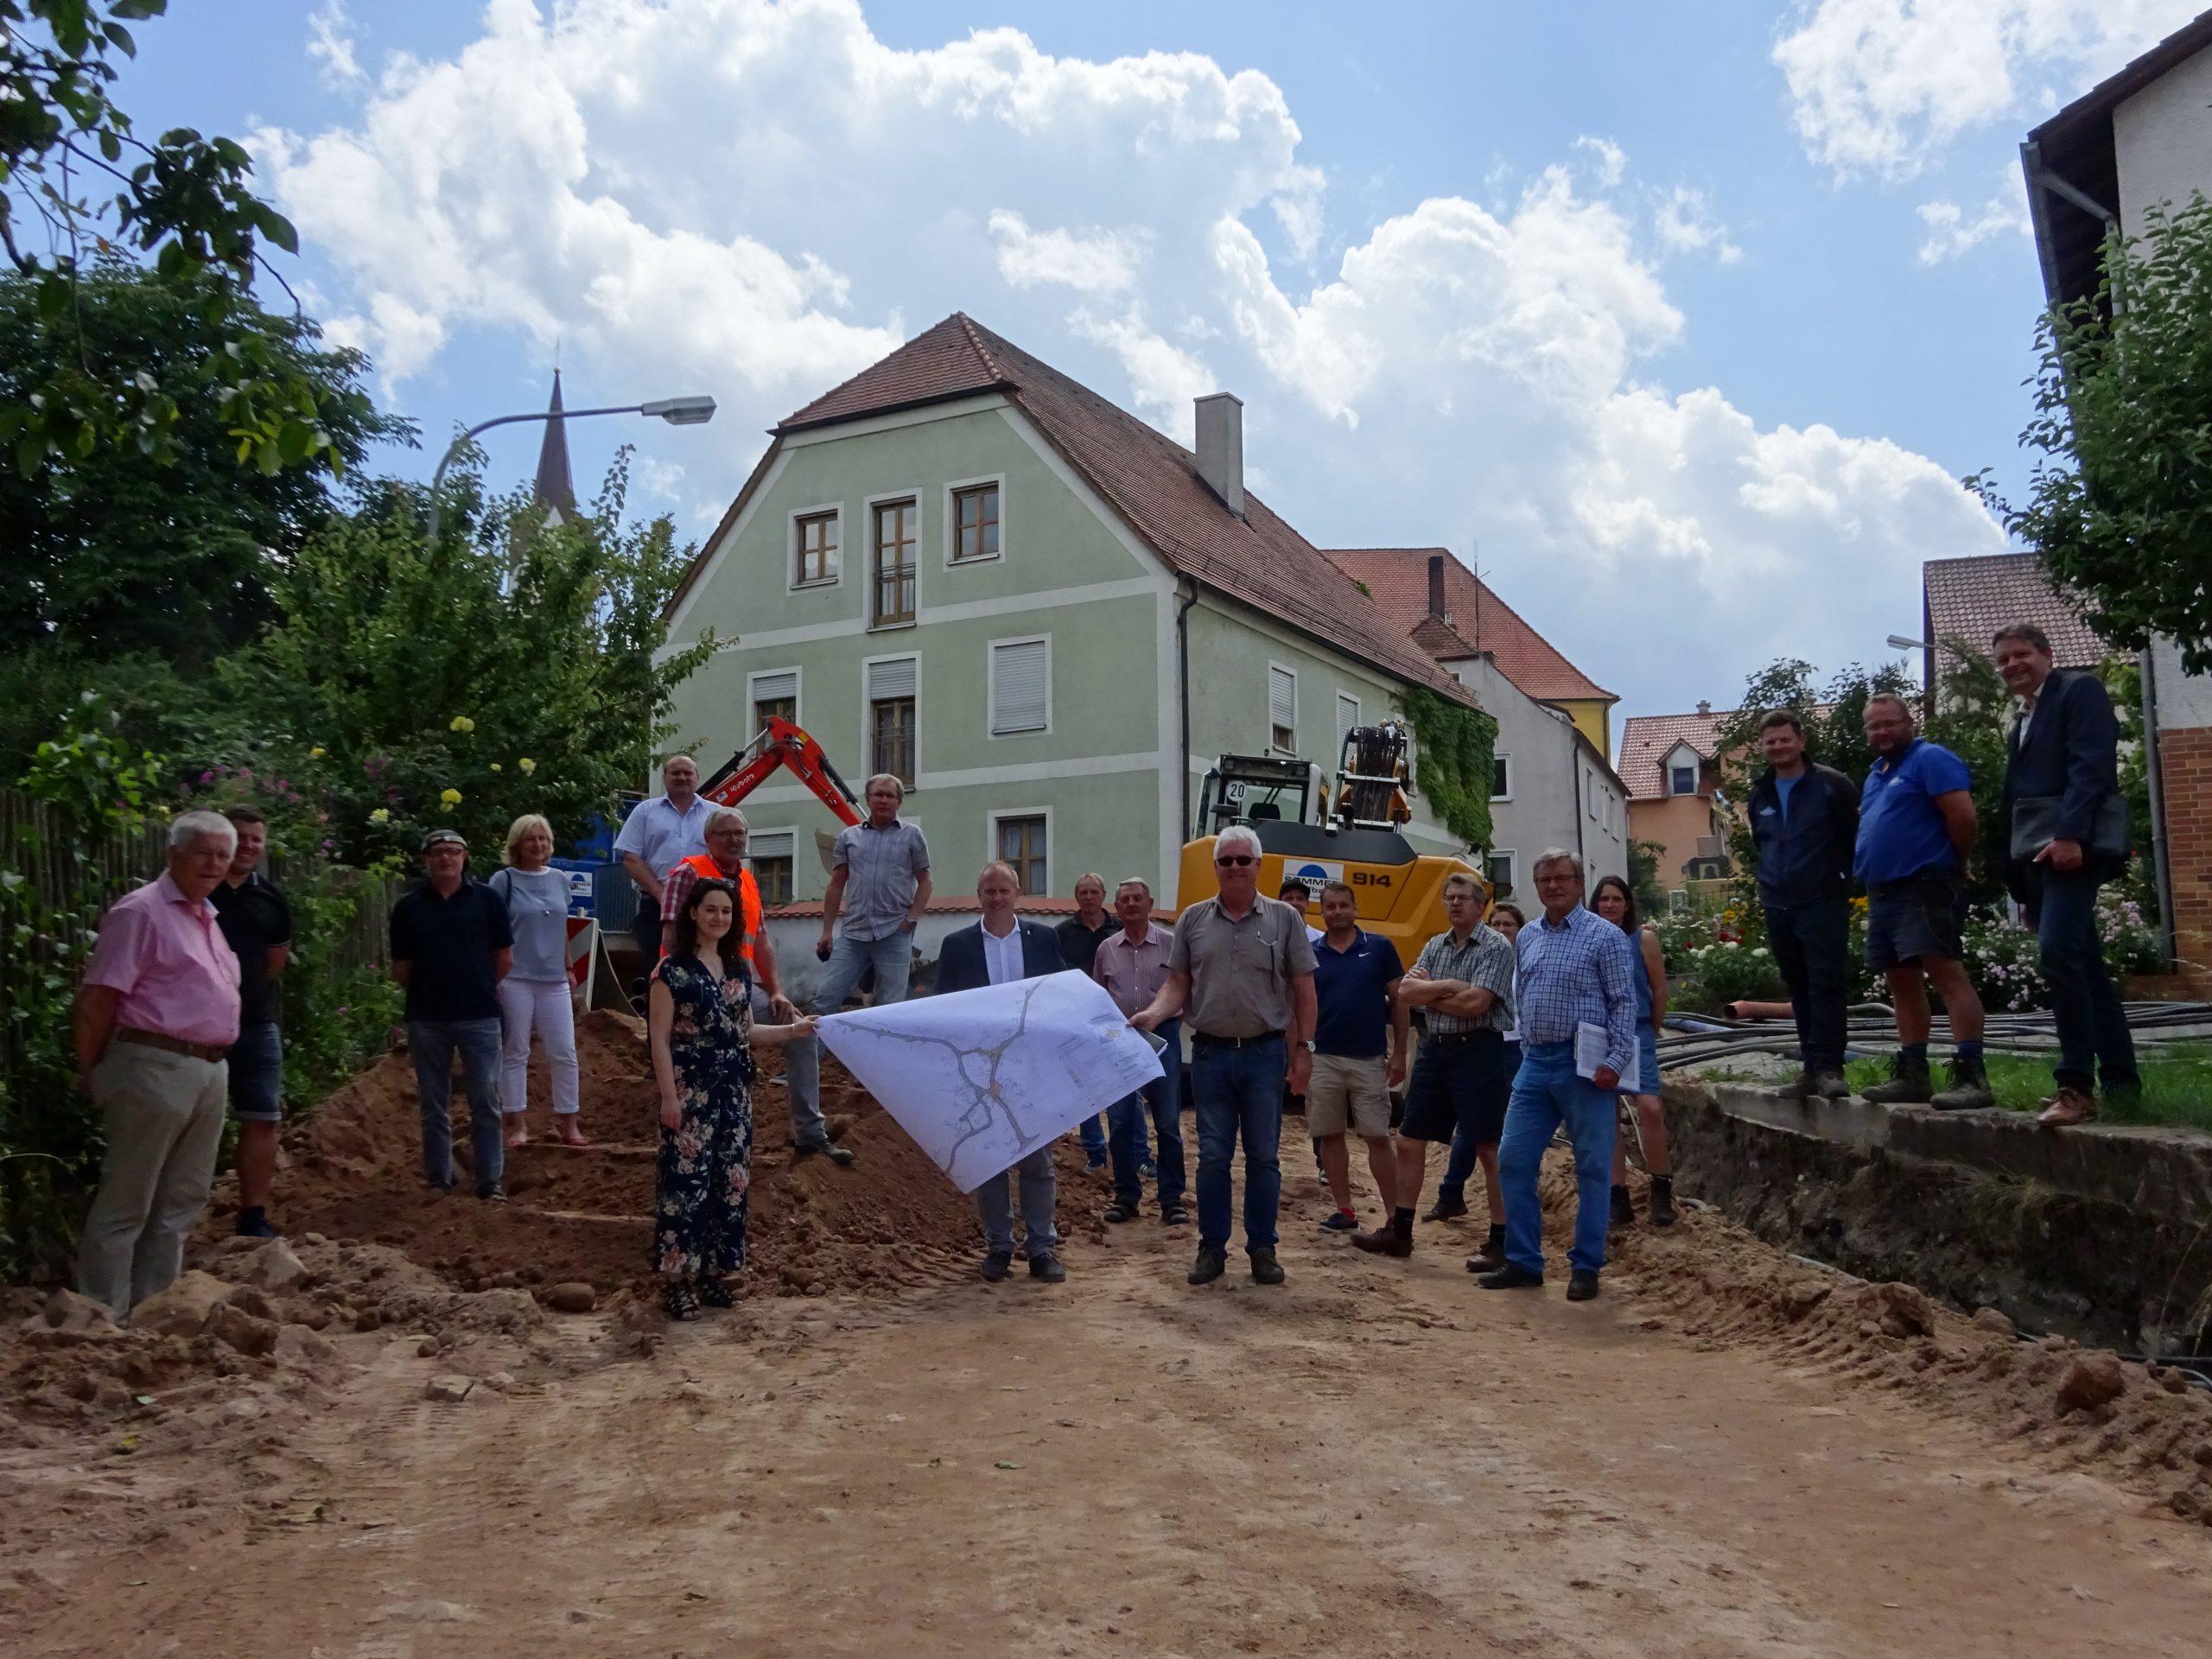 Spatenstich für Dorferneuerung Kemnath am Buchberg